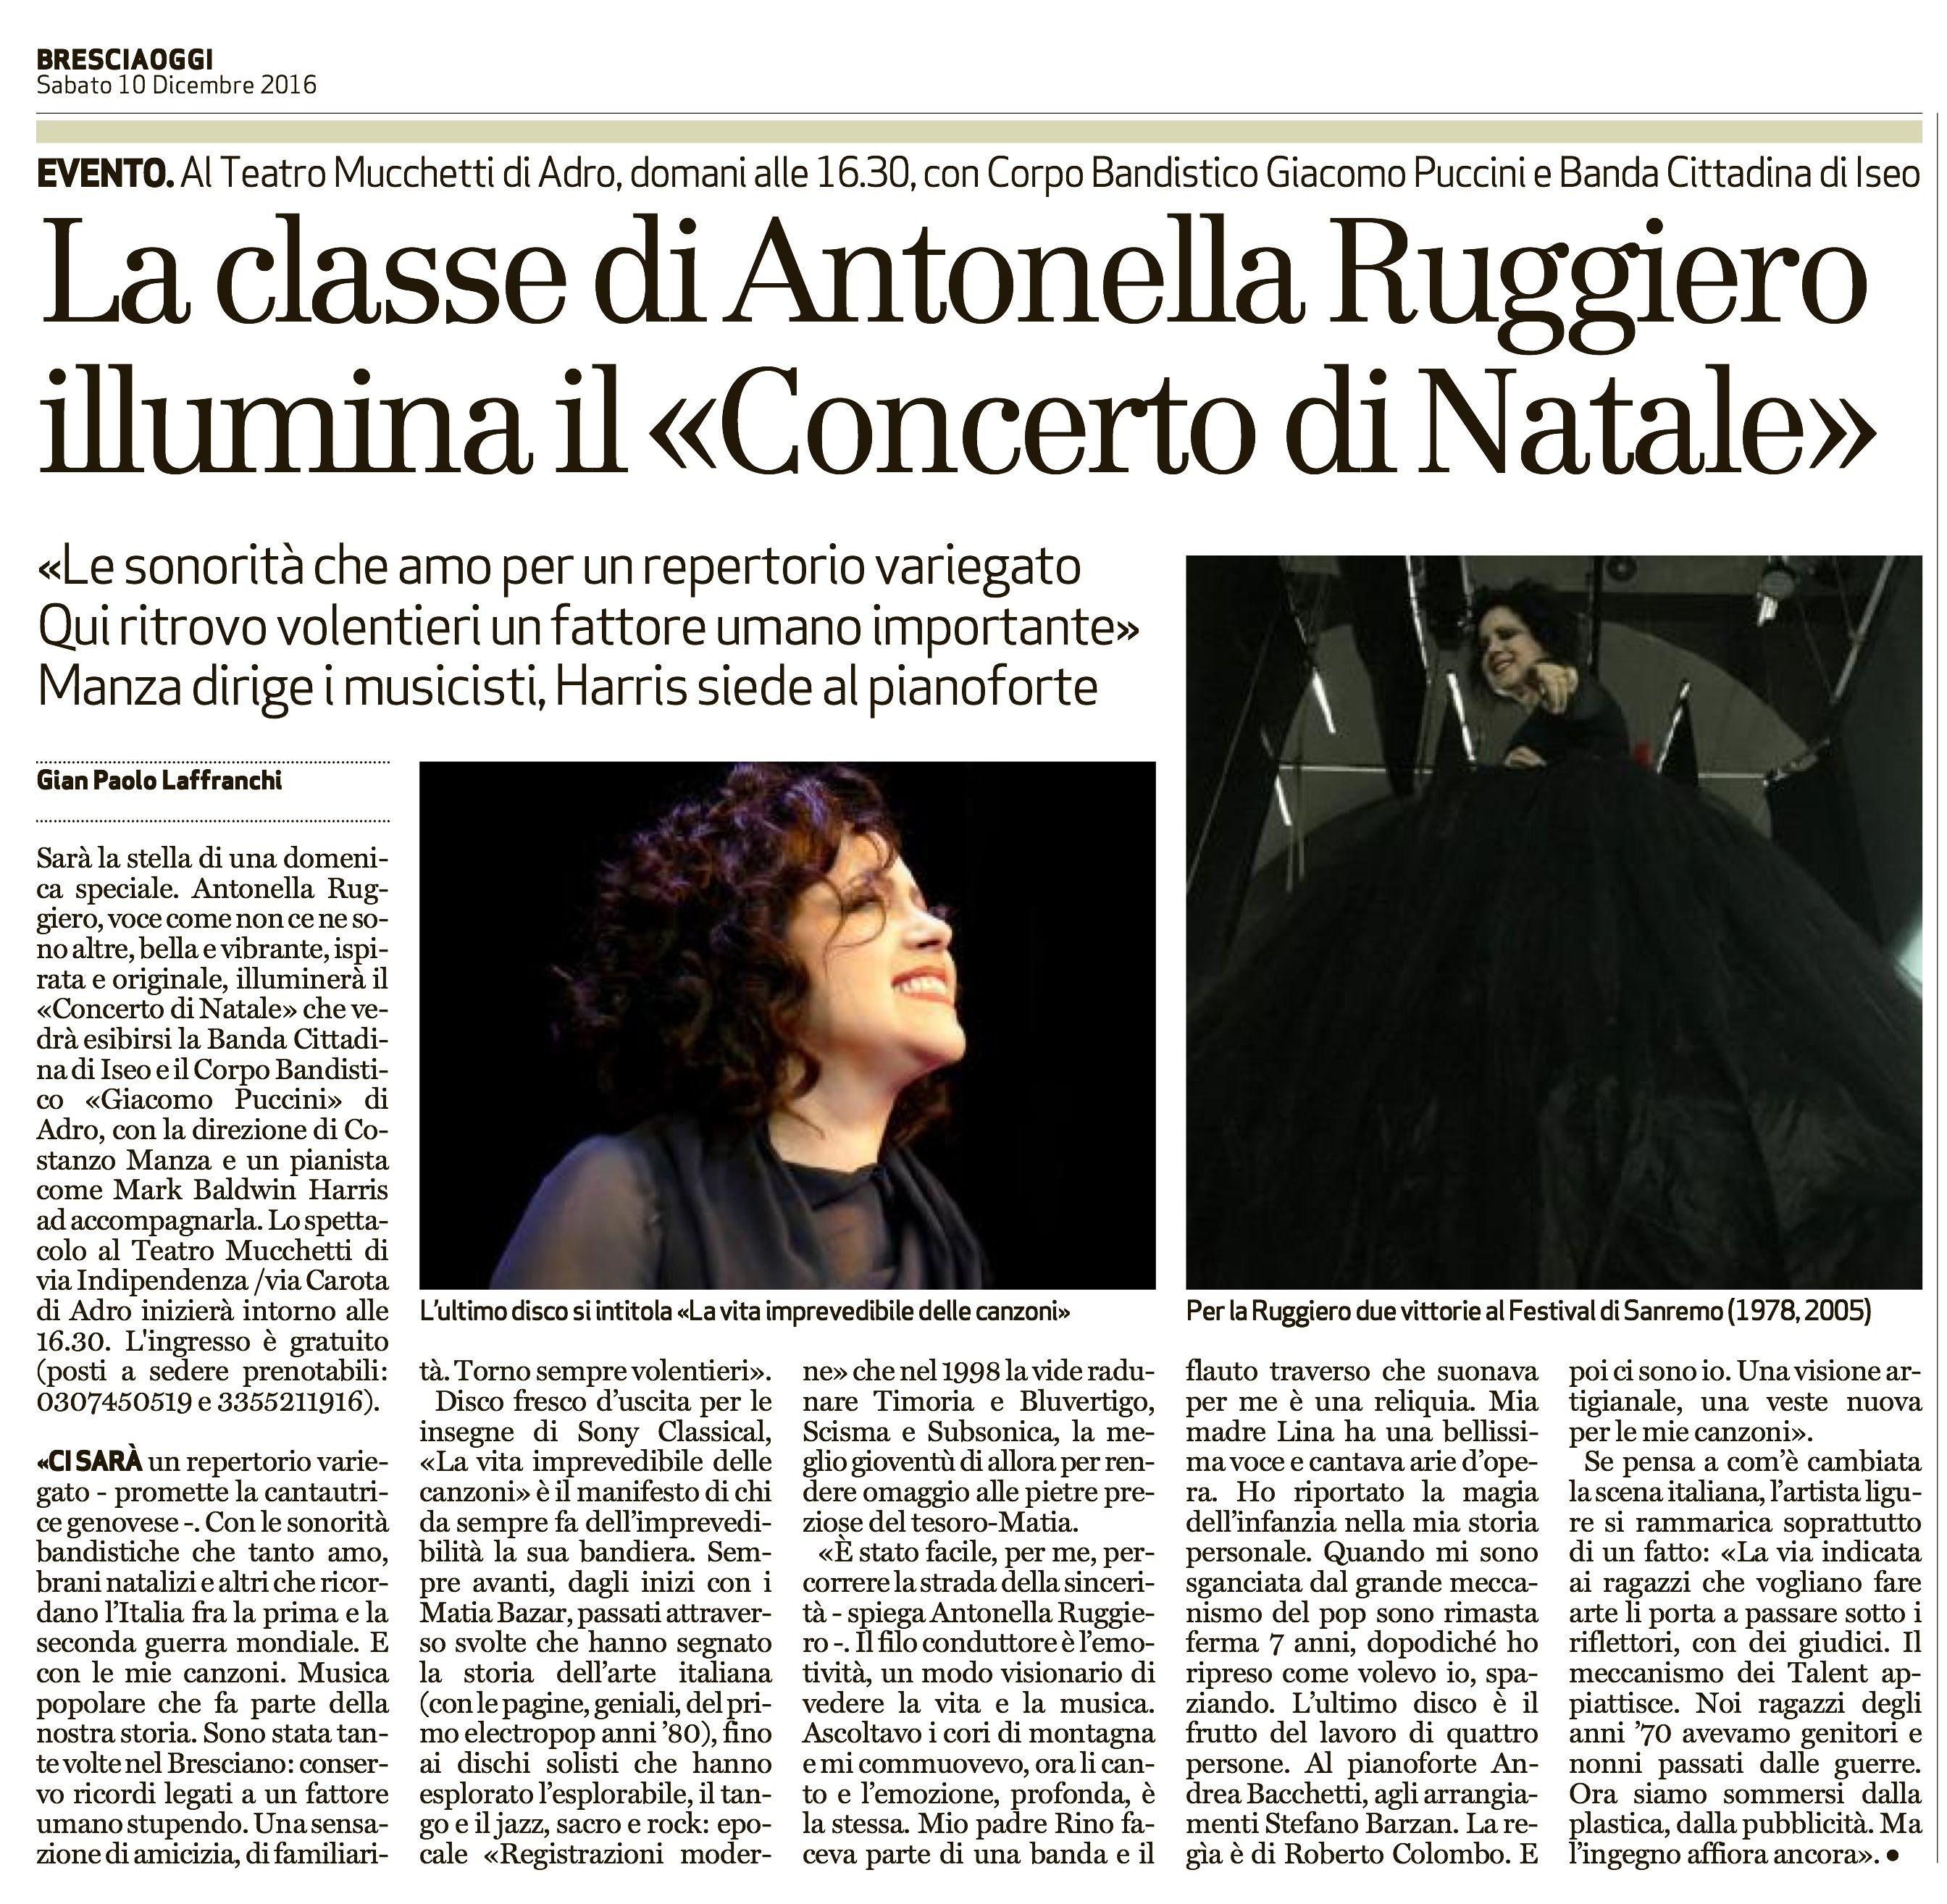 10 dicembre 2016 - In vista del concerto di Adro (BS), una breve intervista di Gian Paolo Laffranchi pubblicata su BresciaOggi